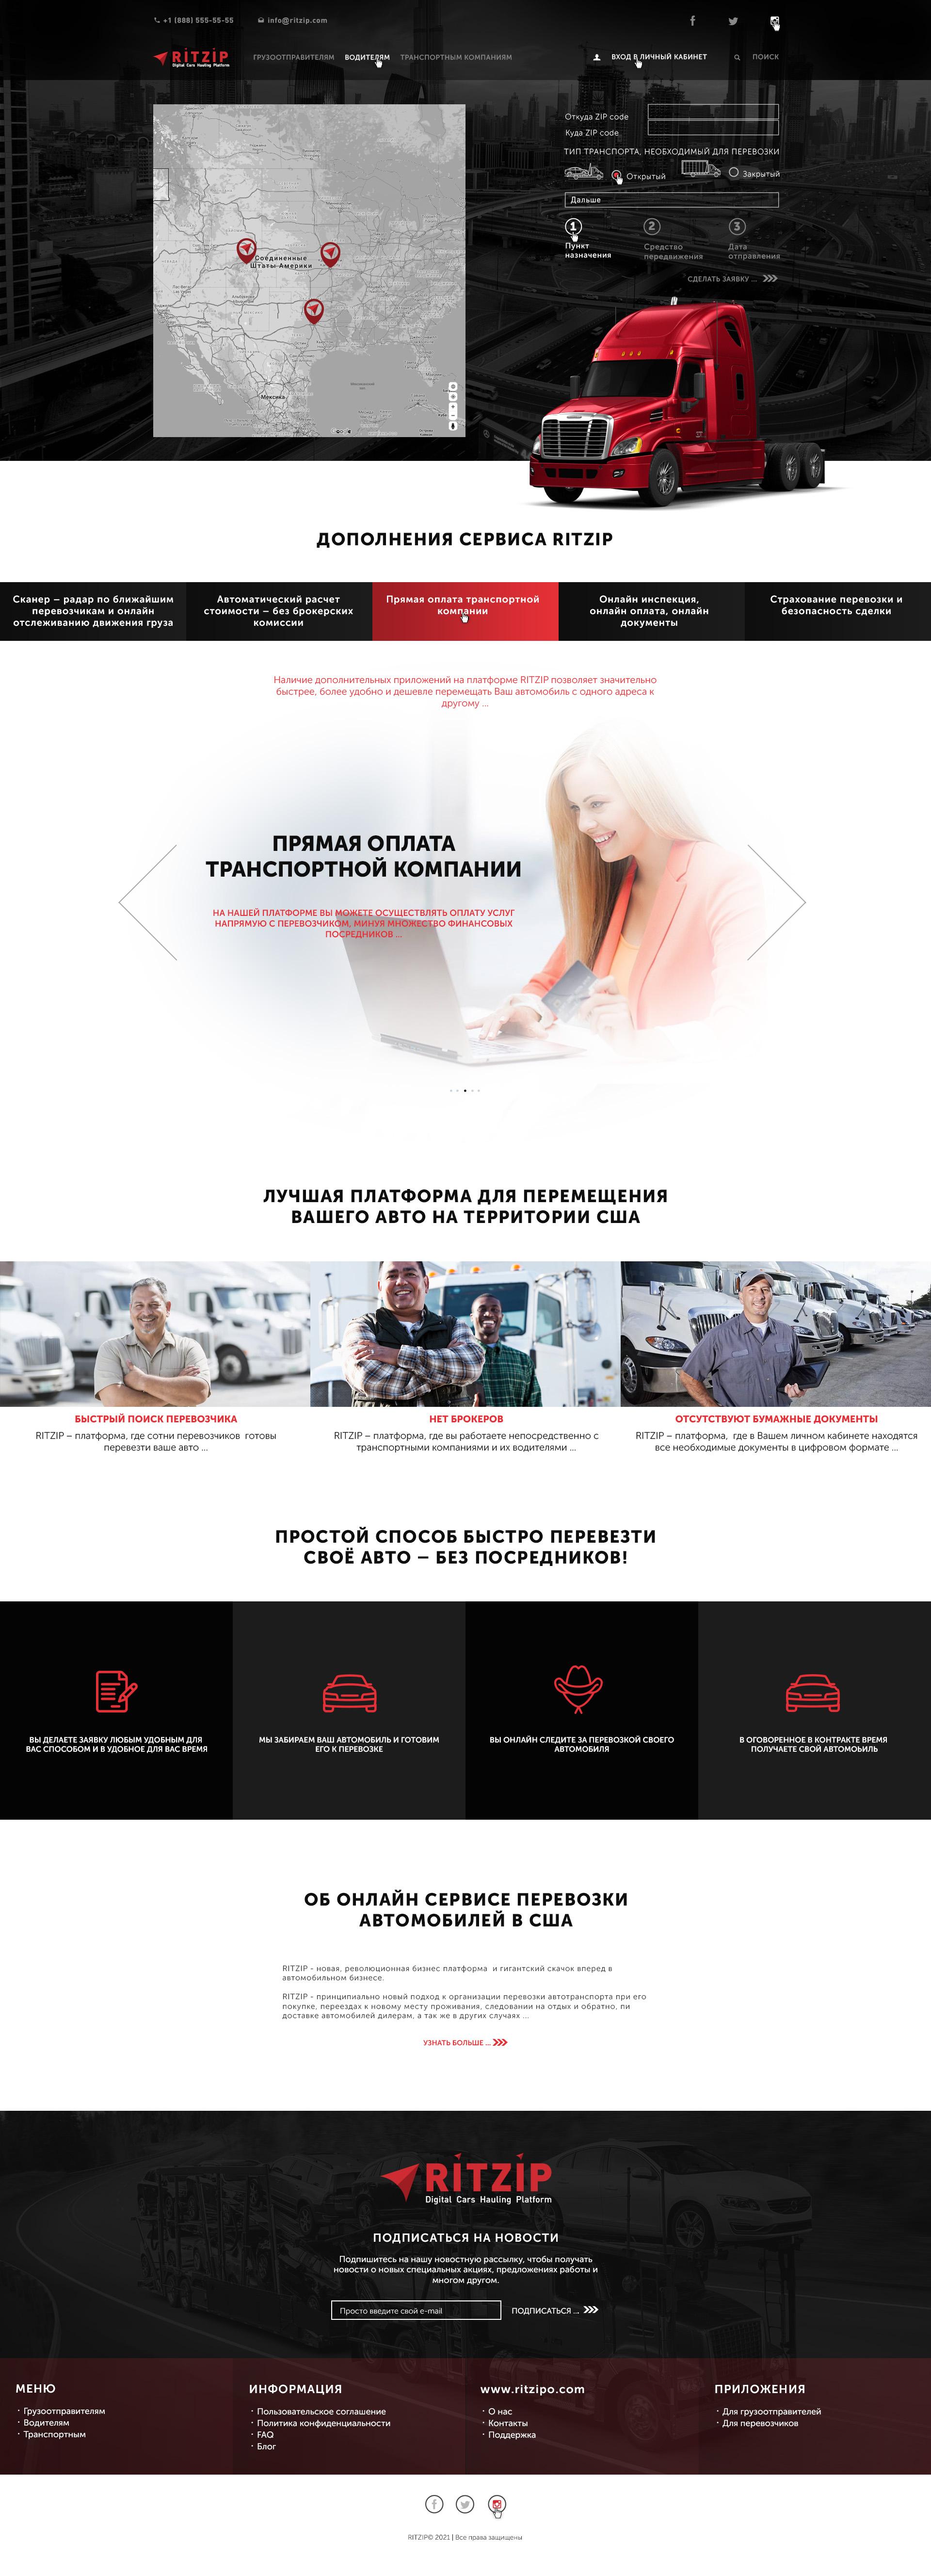 Дизайн сайта - автоперевозка авто в США -car hauling фото f_6996091a9d34a2d9.jpg